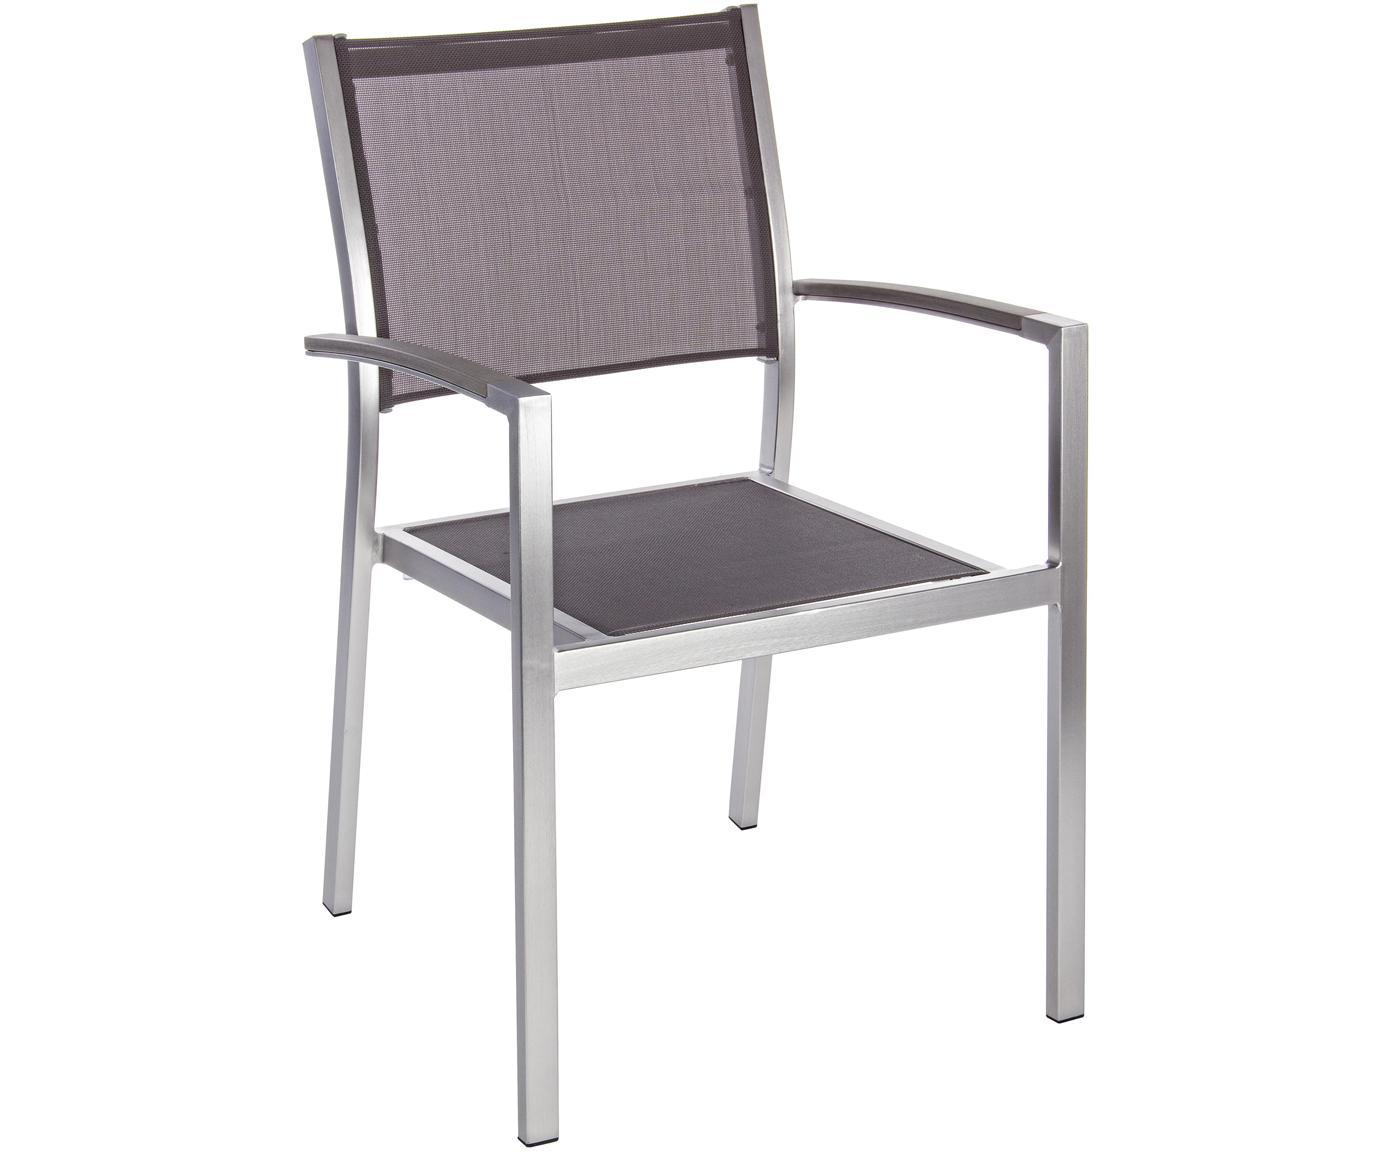 Silla con resposabrazos de exterior Irwin, Estructura: aluminio satinado, Asiento: textil, Acero, gris, An 54 x F 57 cm